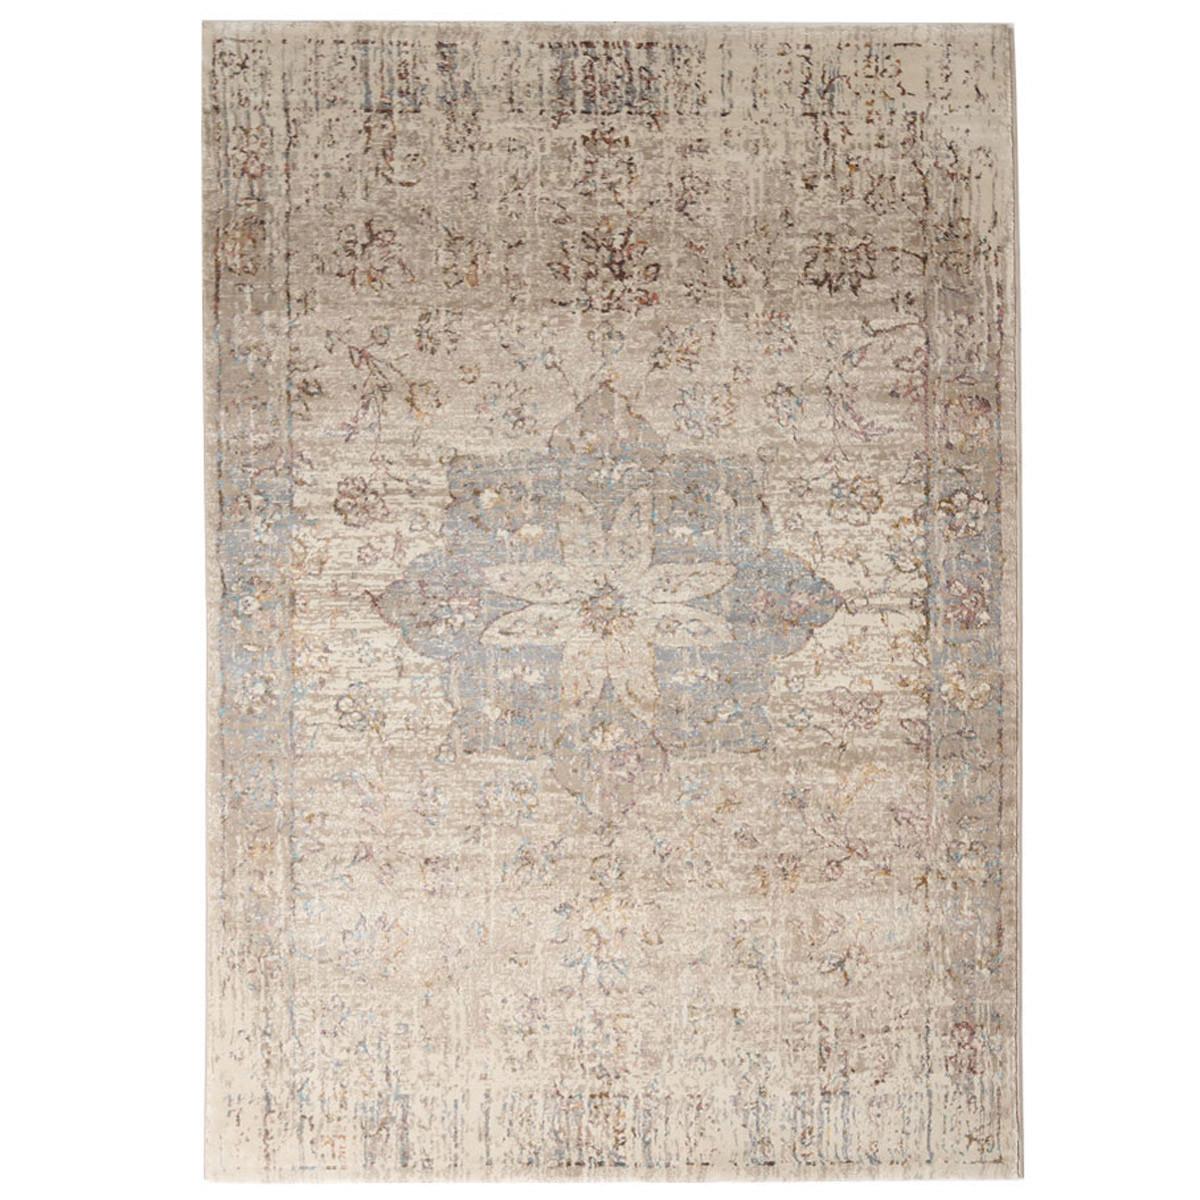 Χαλιά Κρεβατοκάμαρας (Σετ 3τμχ) Royal Carpets Fortune 1902 J